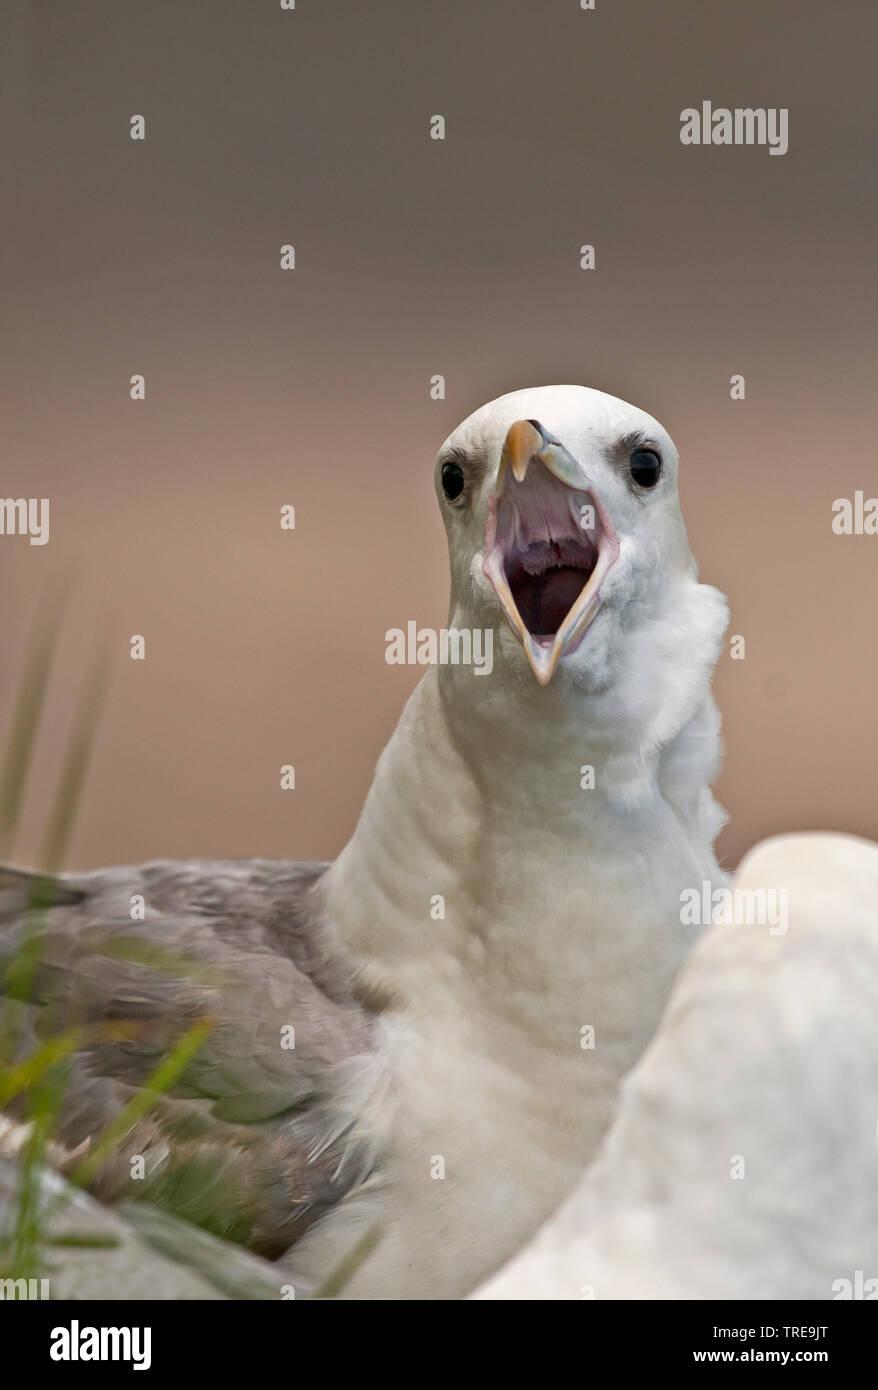 Eissturmvogel, Eis-Sturmvogel, Nordatlantischer Eissturmvogel (Fulmarus glacialis), rufend, Portraet, Grossbritannien, England | Northern fulmar, Arct - Stock Image